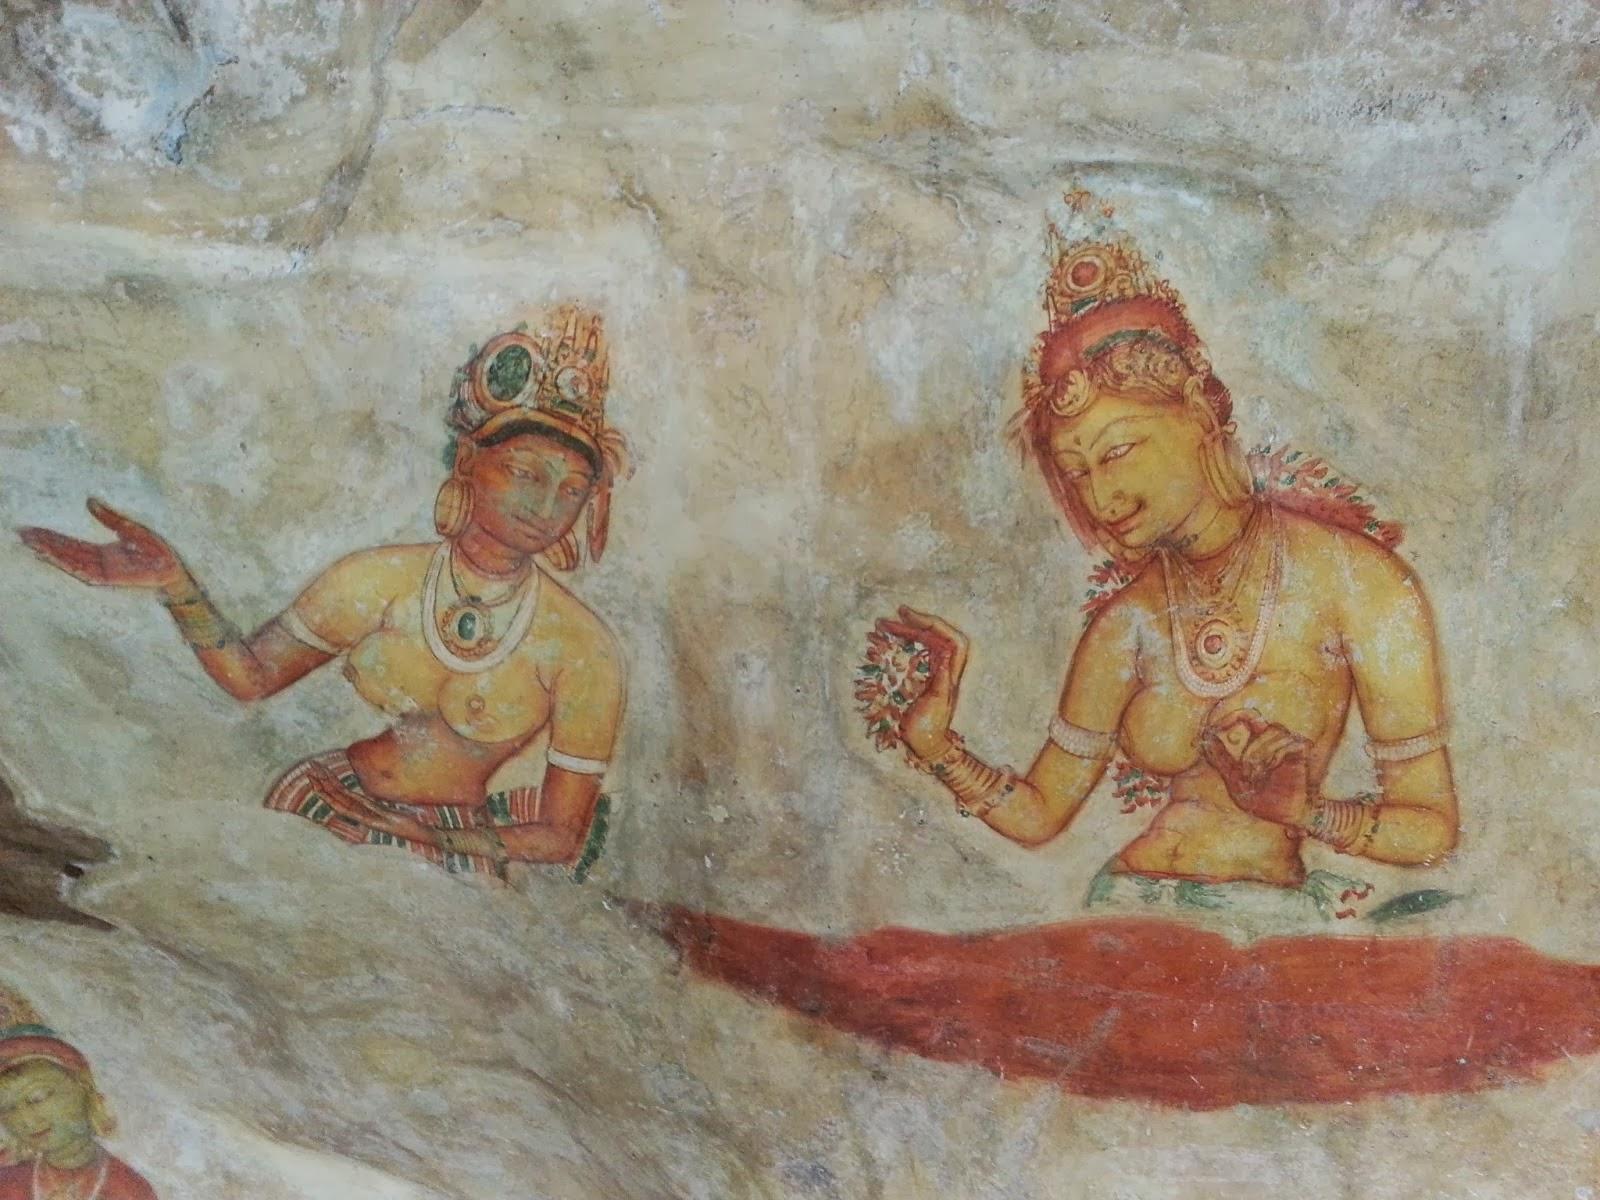 Загадки Сигирии, кто были красивые девушки, принцессы, танцовщицы, монахини, жрицы, мировое наследие Шри-Ланки